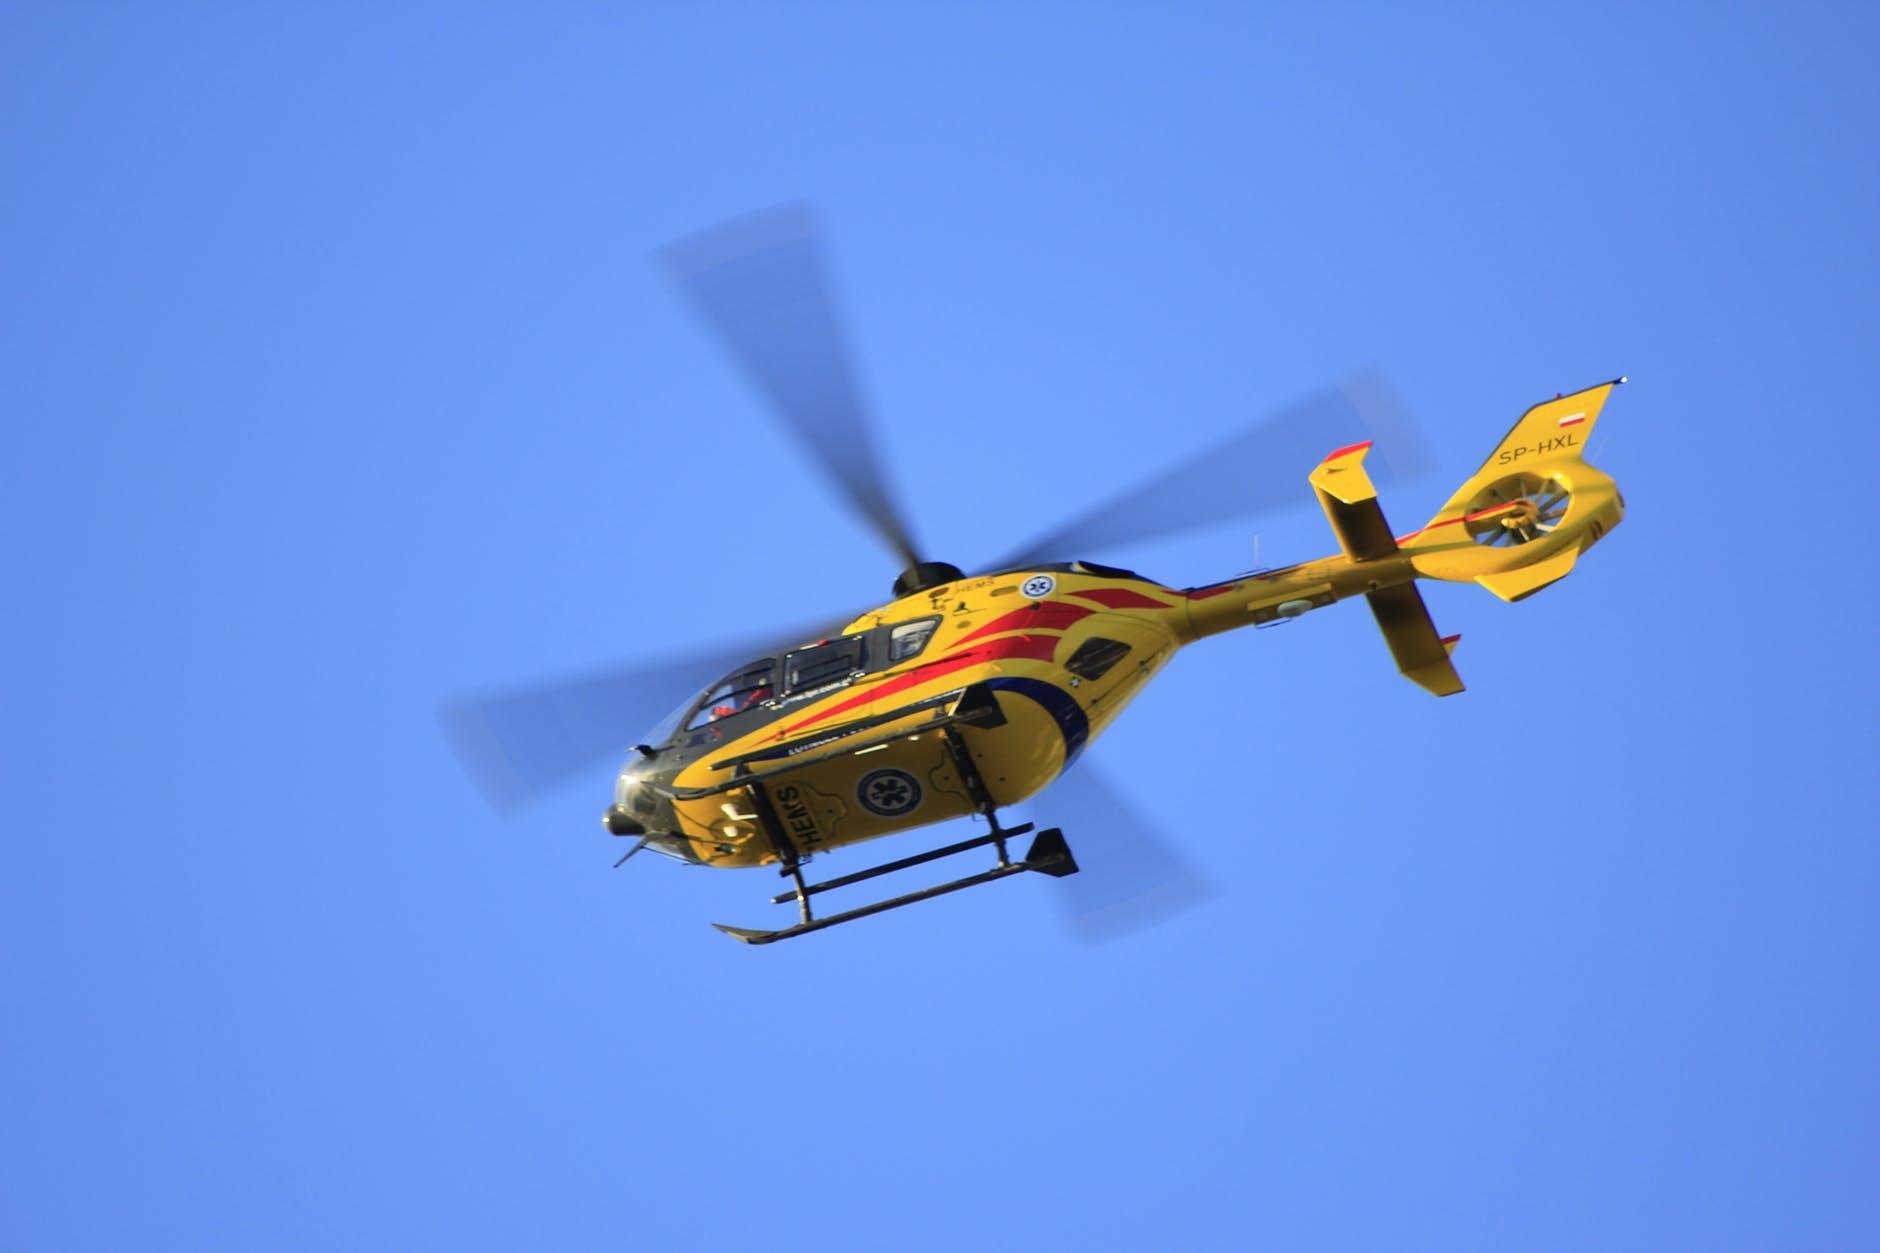 helicopter-flying-medical-float-65943